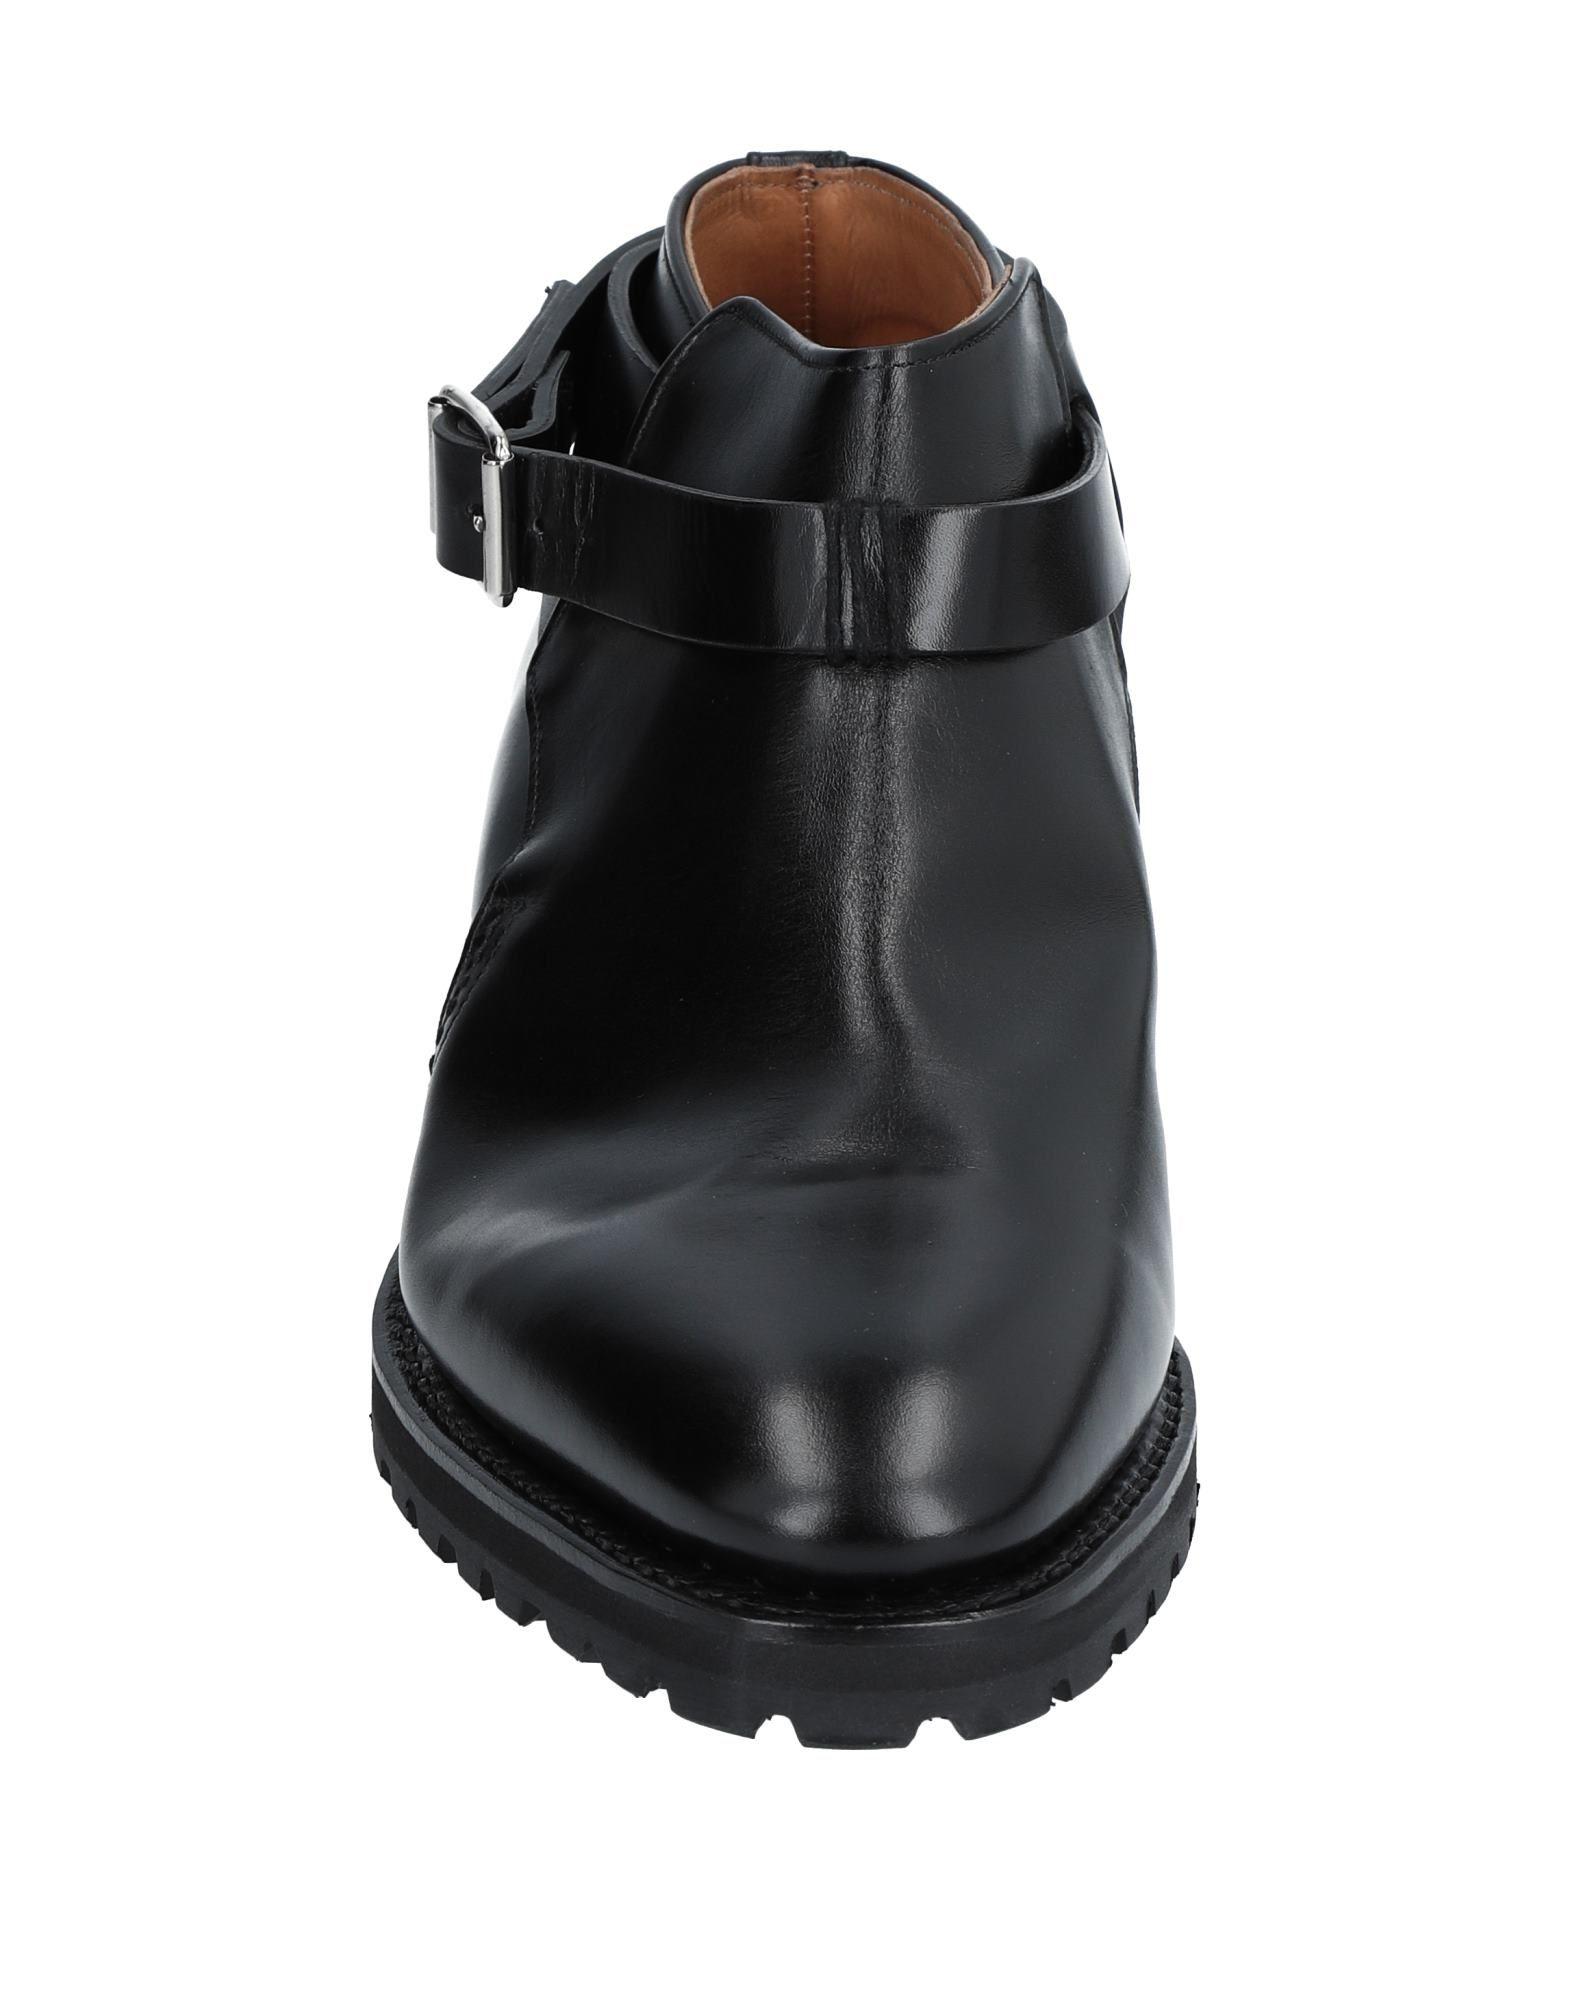 Premiata Stiefelette Herren  11531130JN Gute Qualität beliebte Schuhe